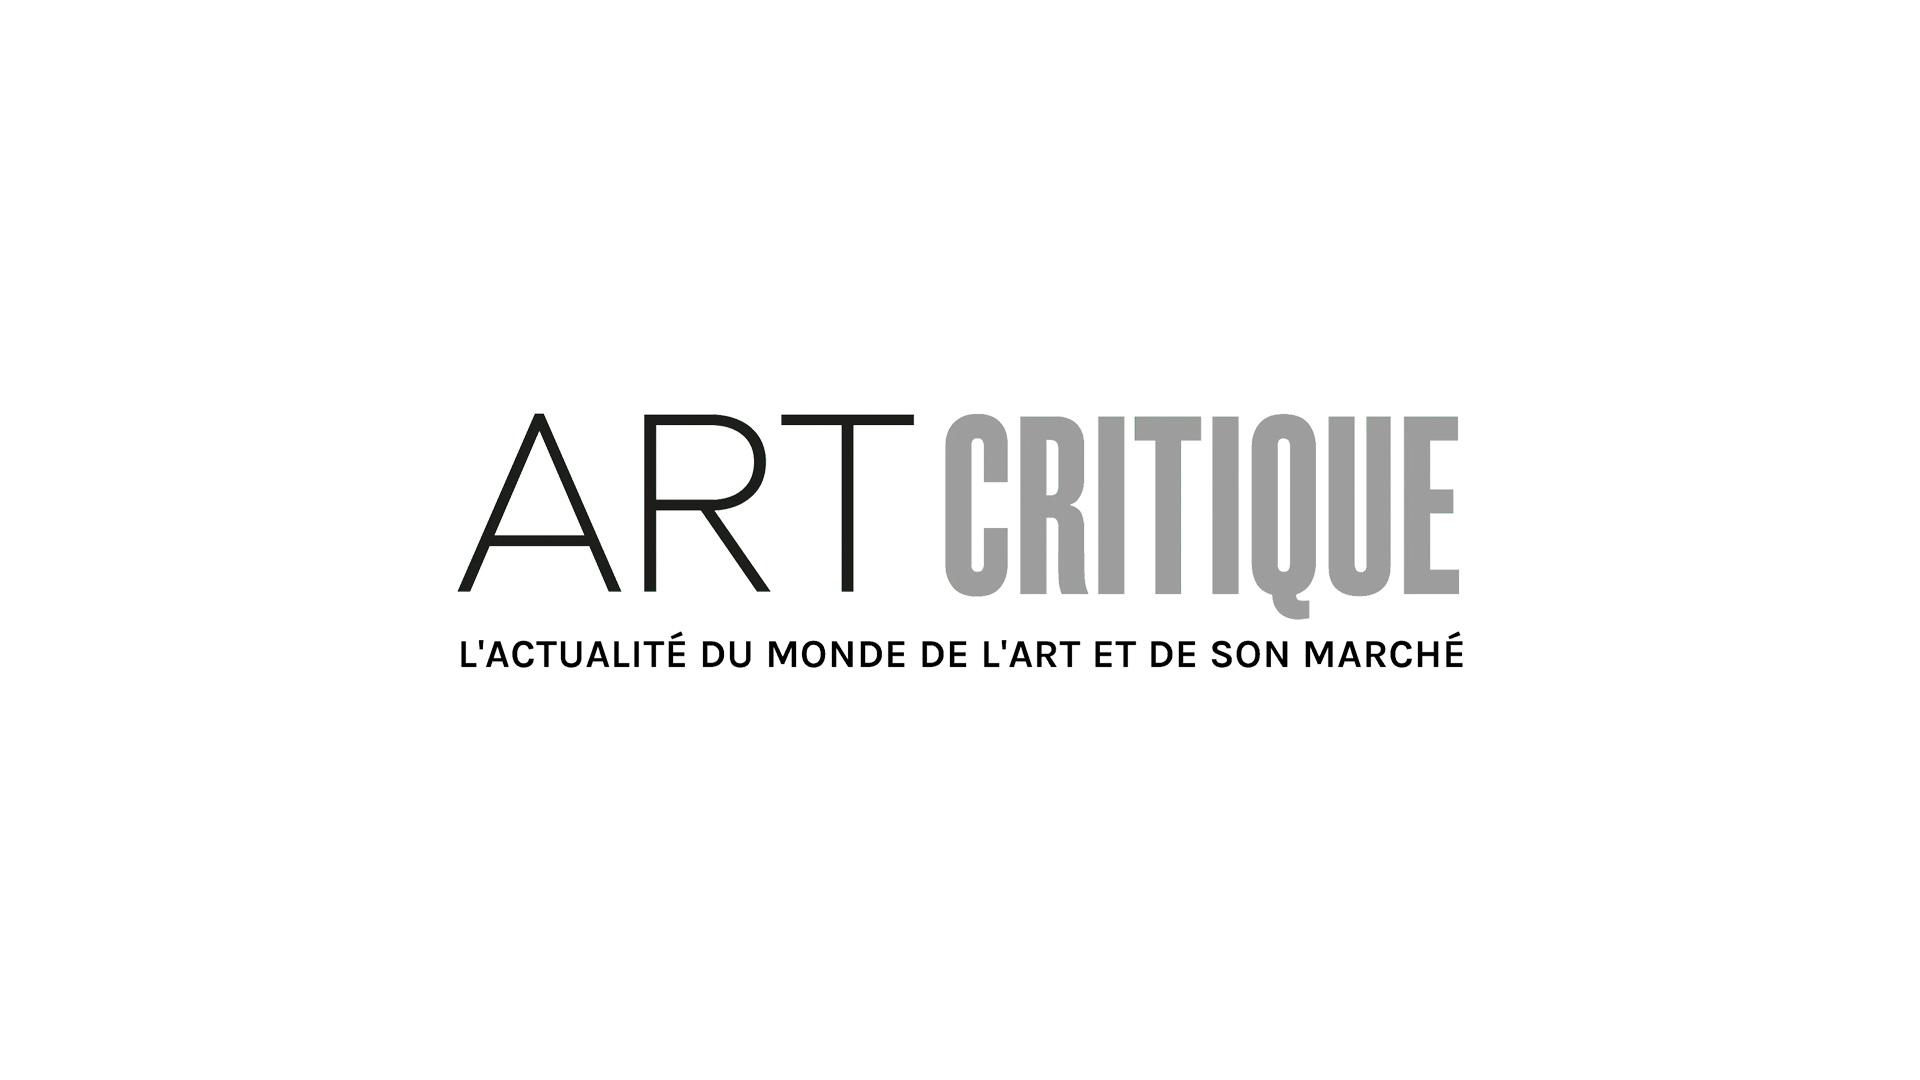 Toute l'oeuvre de Léonard de Vinci en un seul lieu!